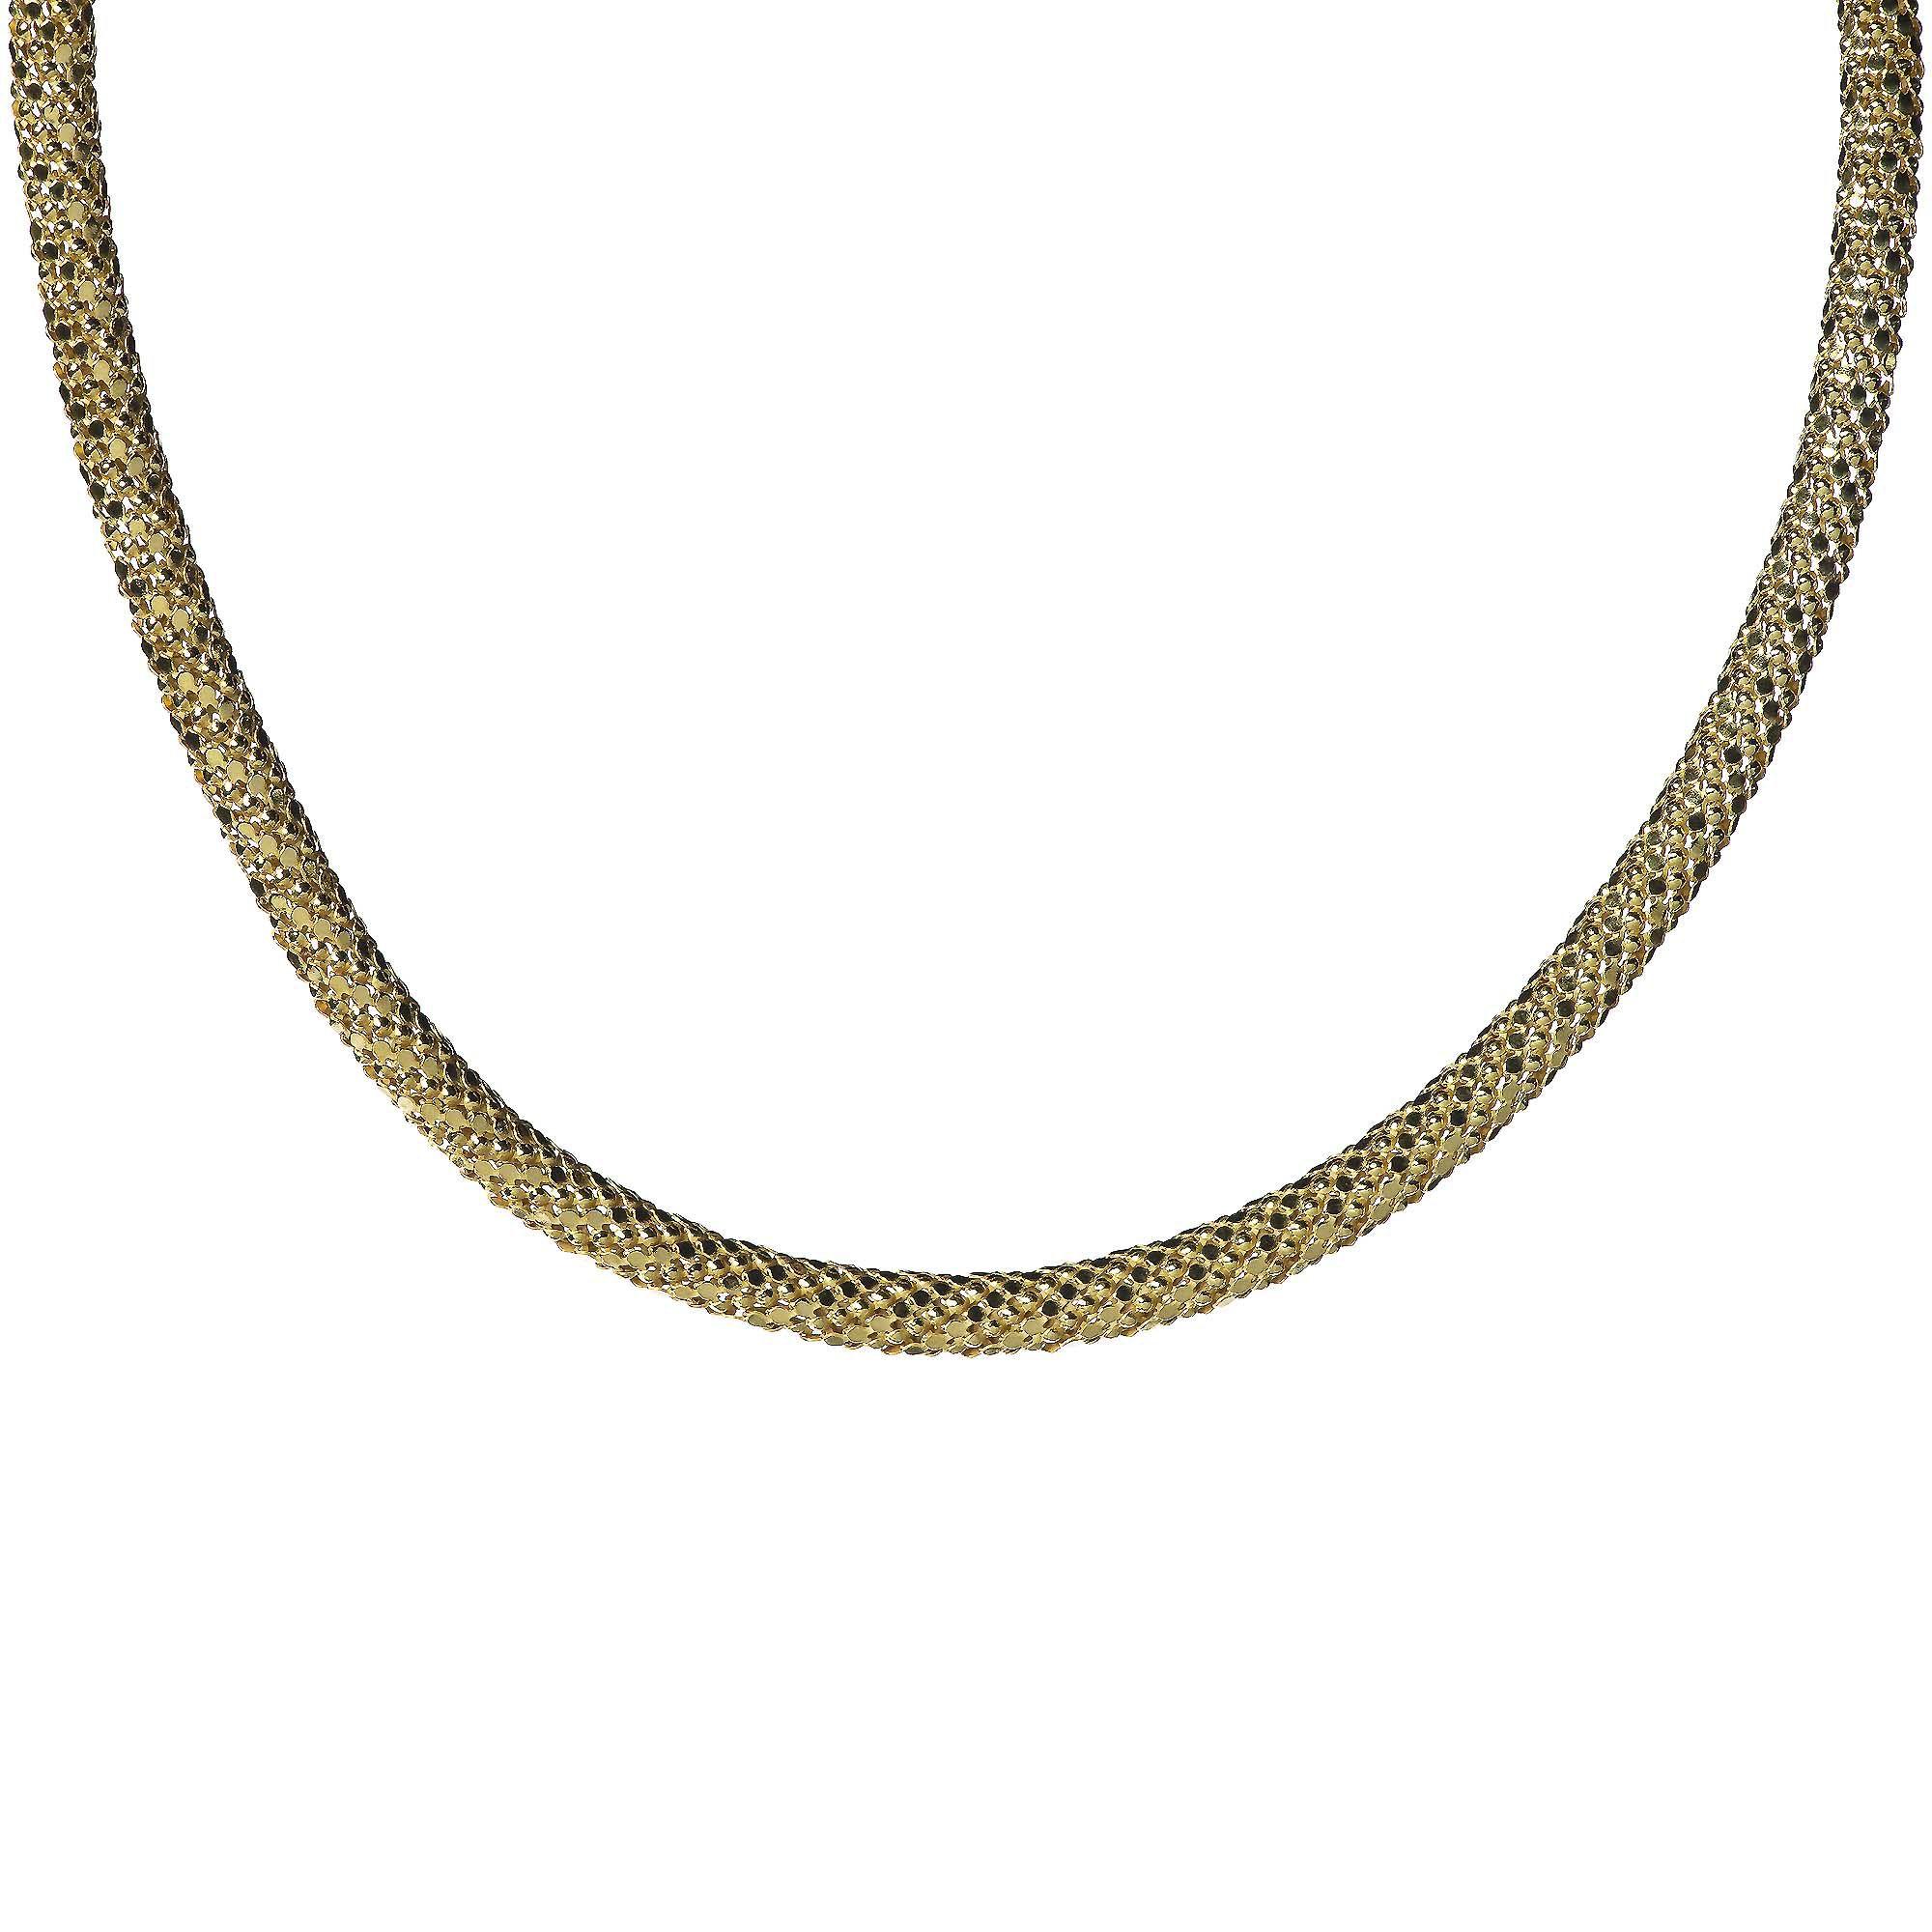 Veronese collana in argento 925 placcato oro maglia pop-corn